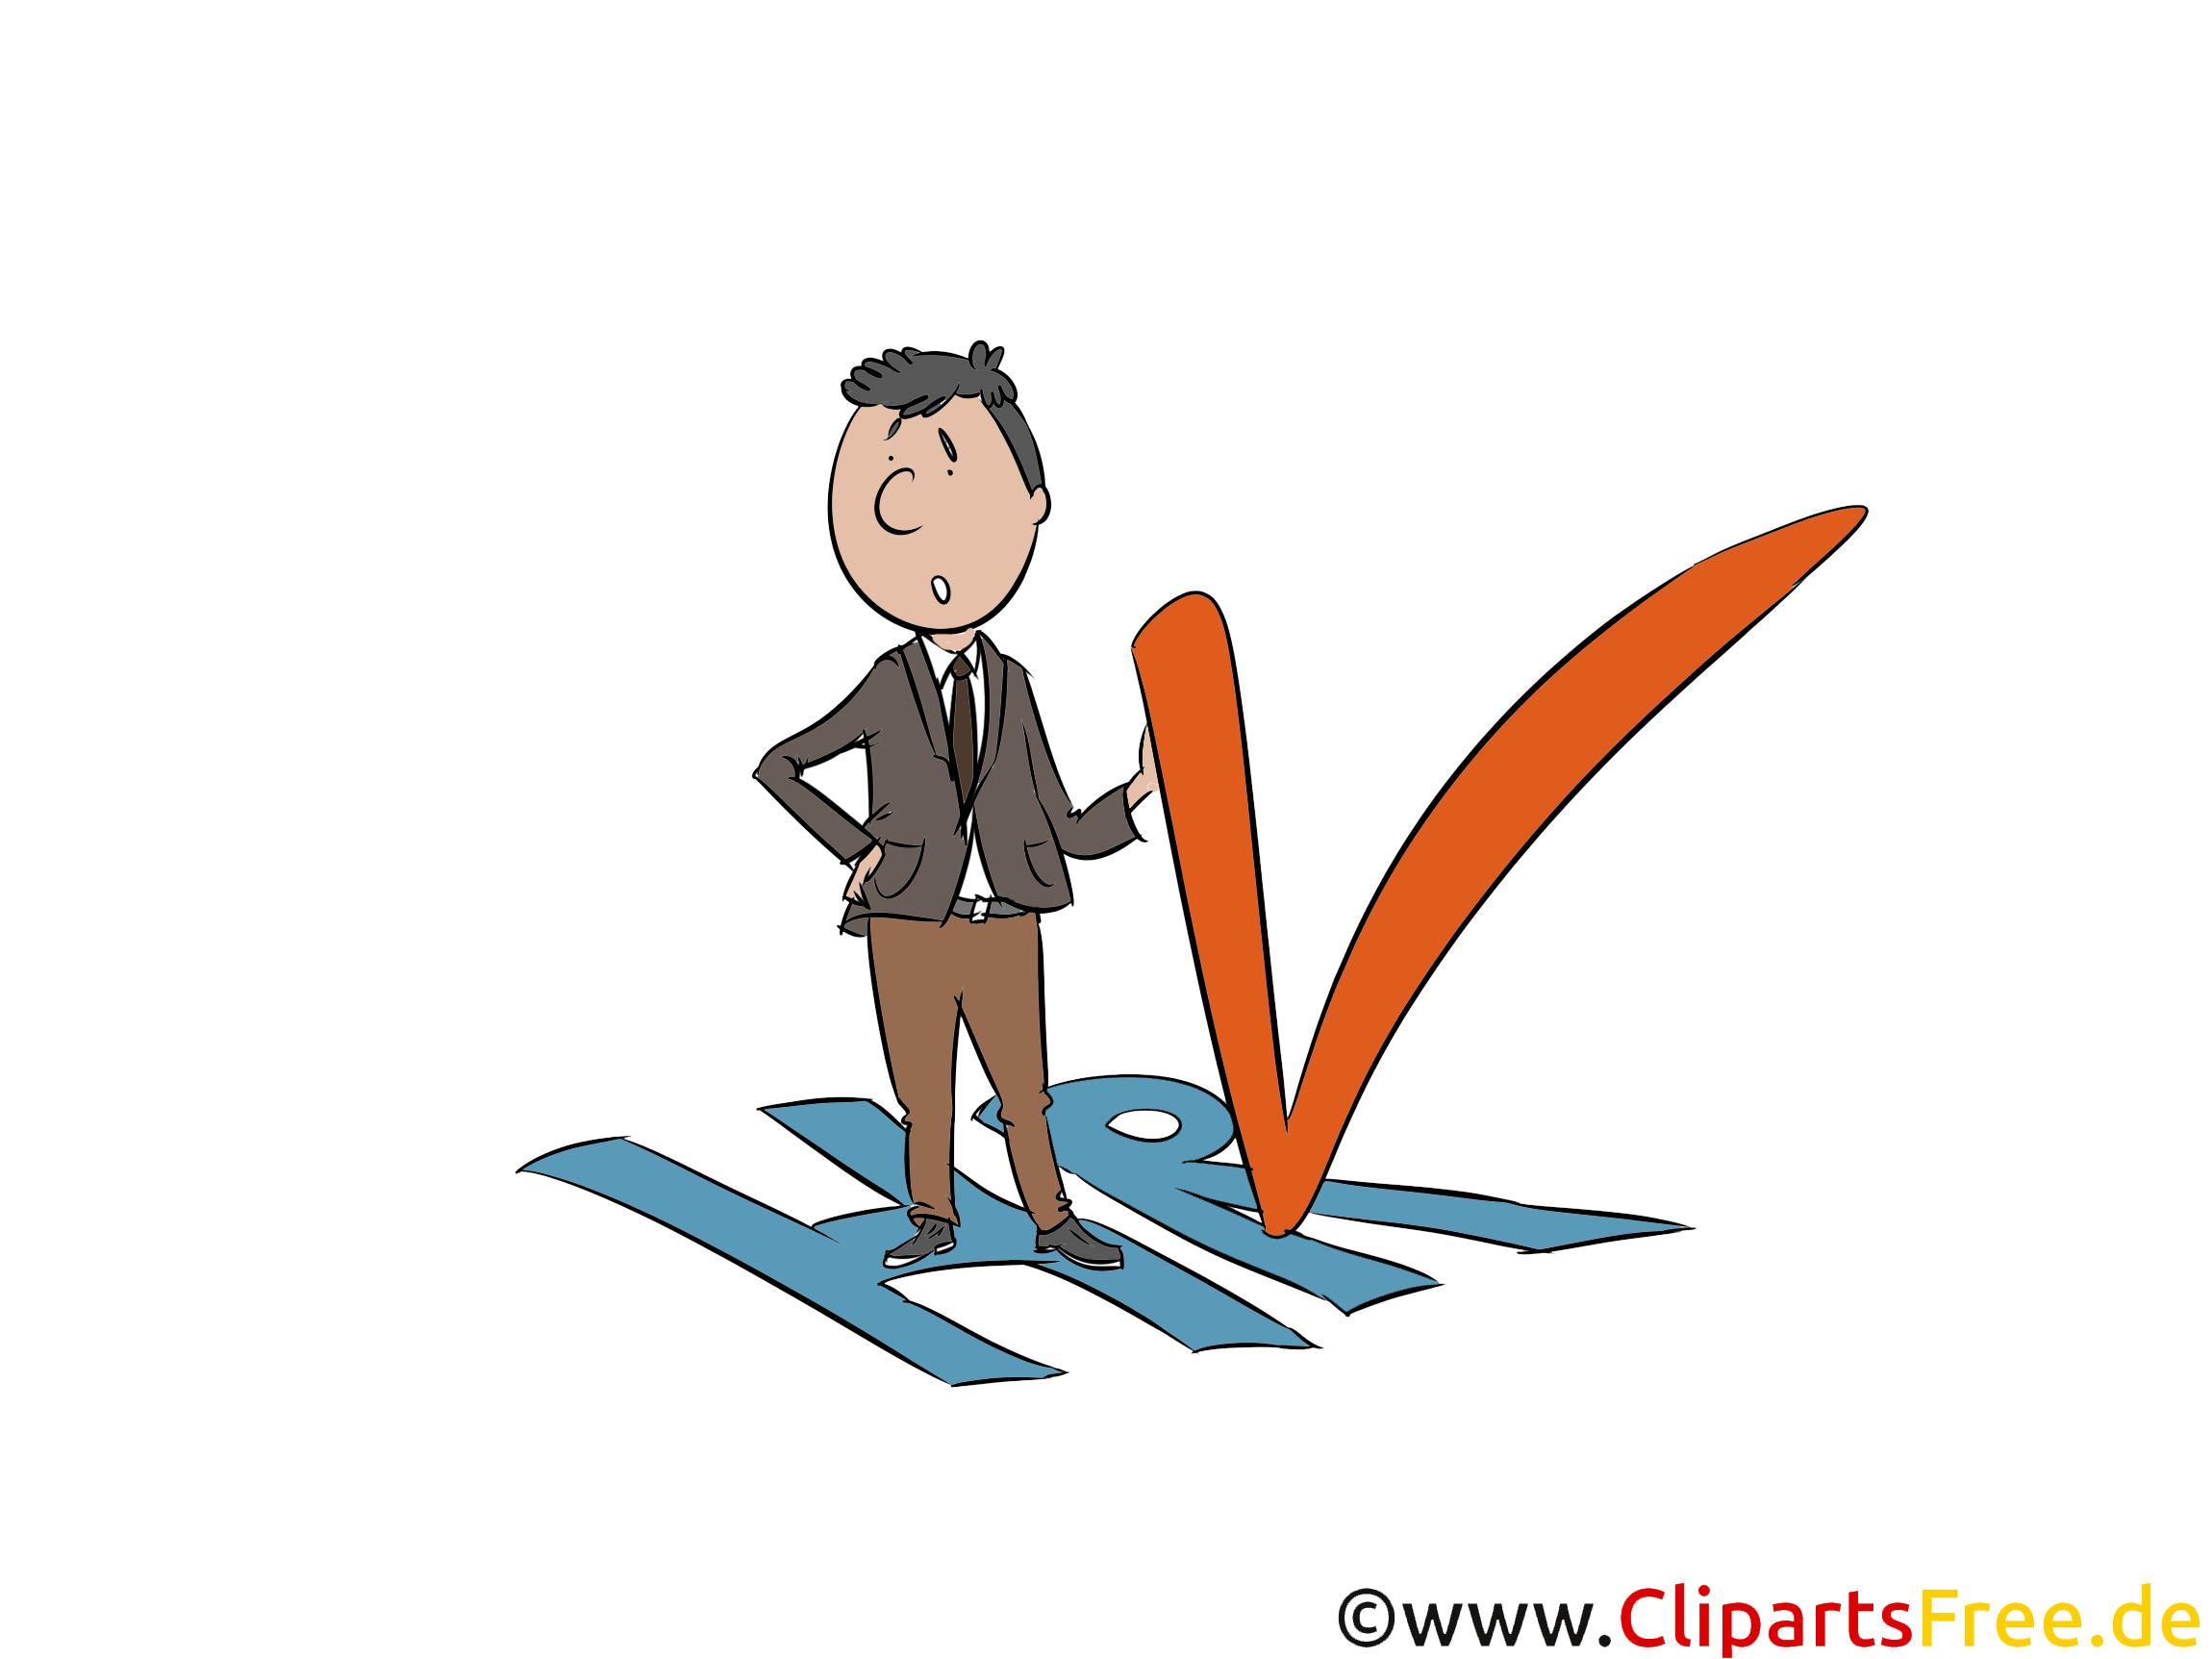 HR Clip Art, Illustration, Image